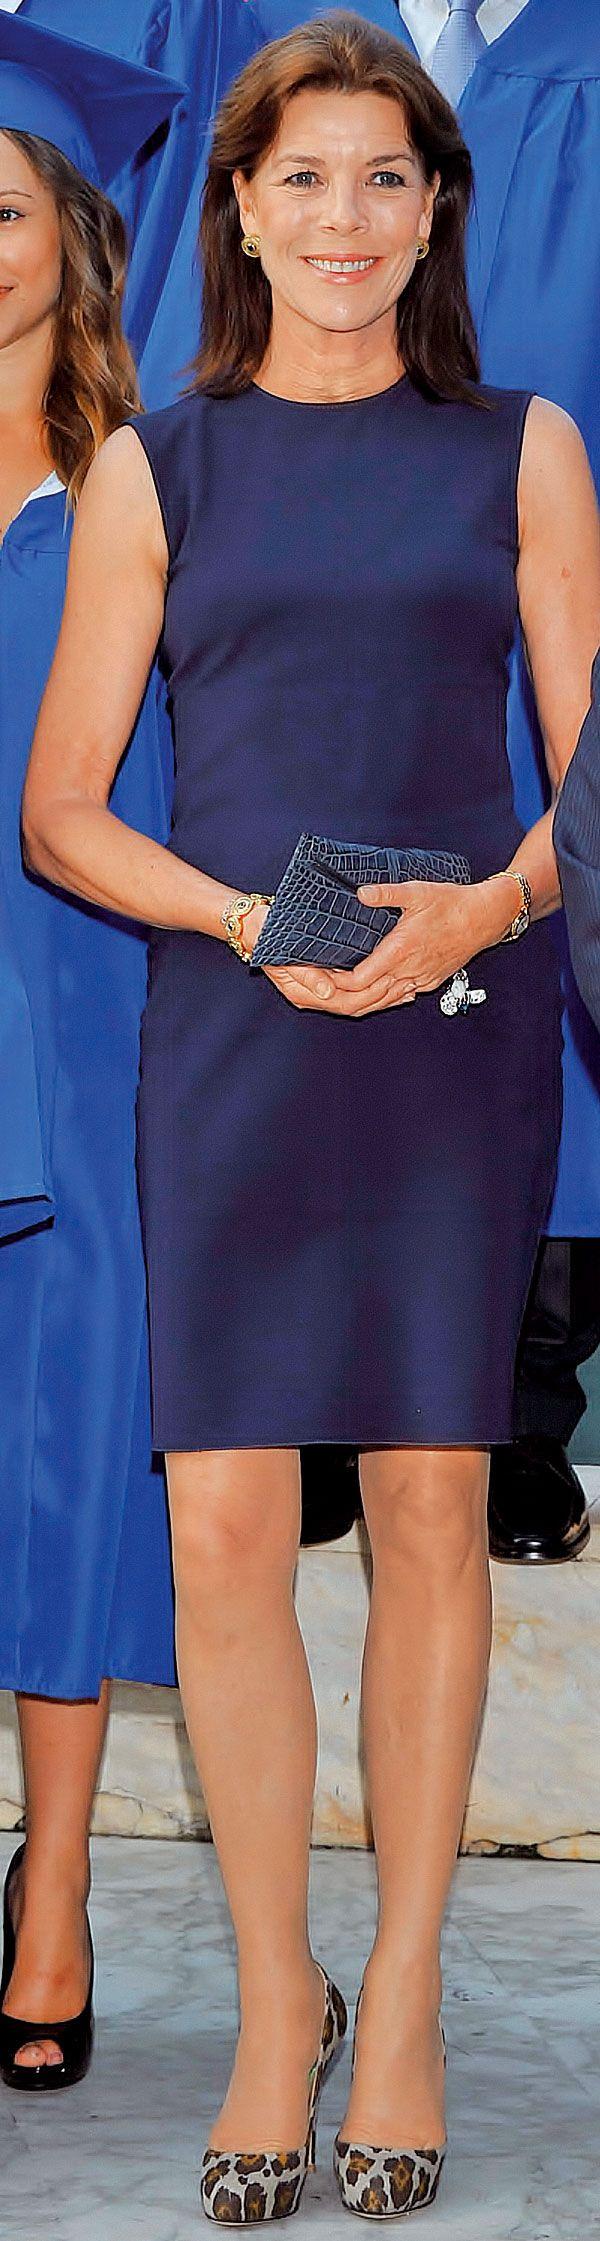 Vestido corte sencillo con zapatos animal print y bolso cartera.